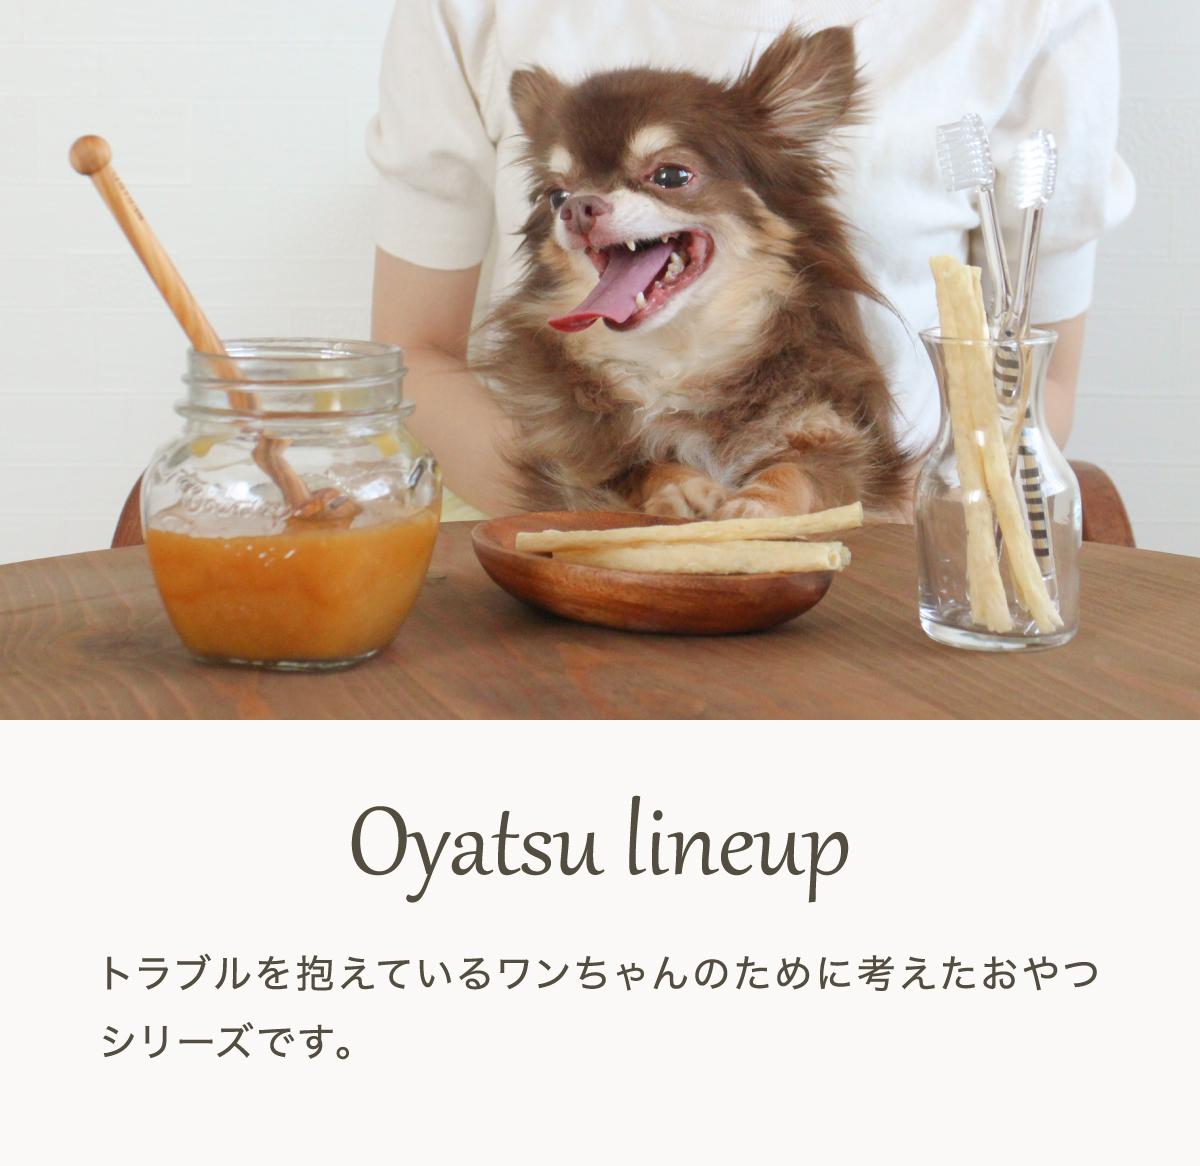 栄養調整に配慮した美味しい犬用おやつ